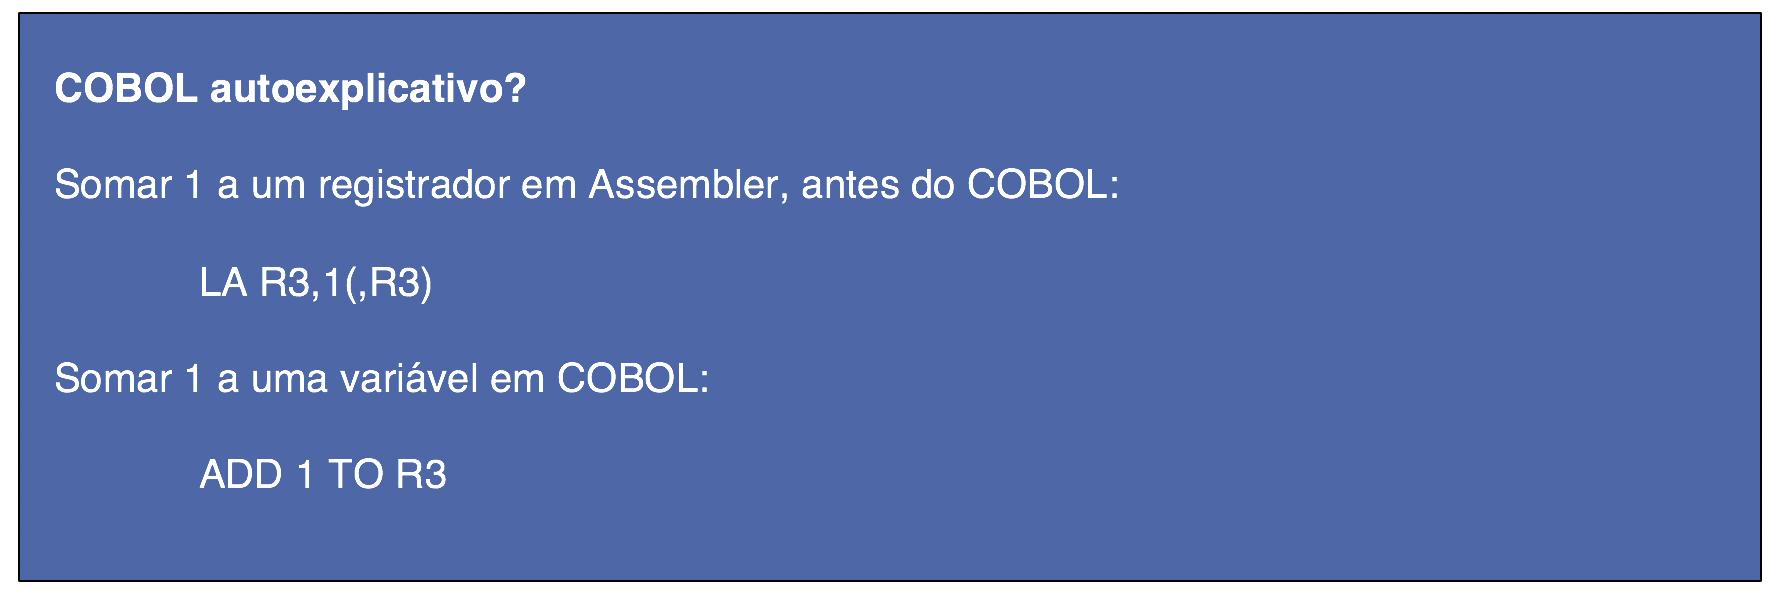 O Cobol é autoexplicativo?